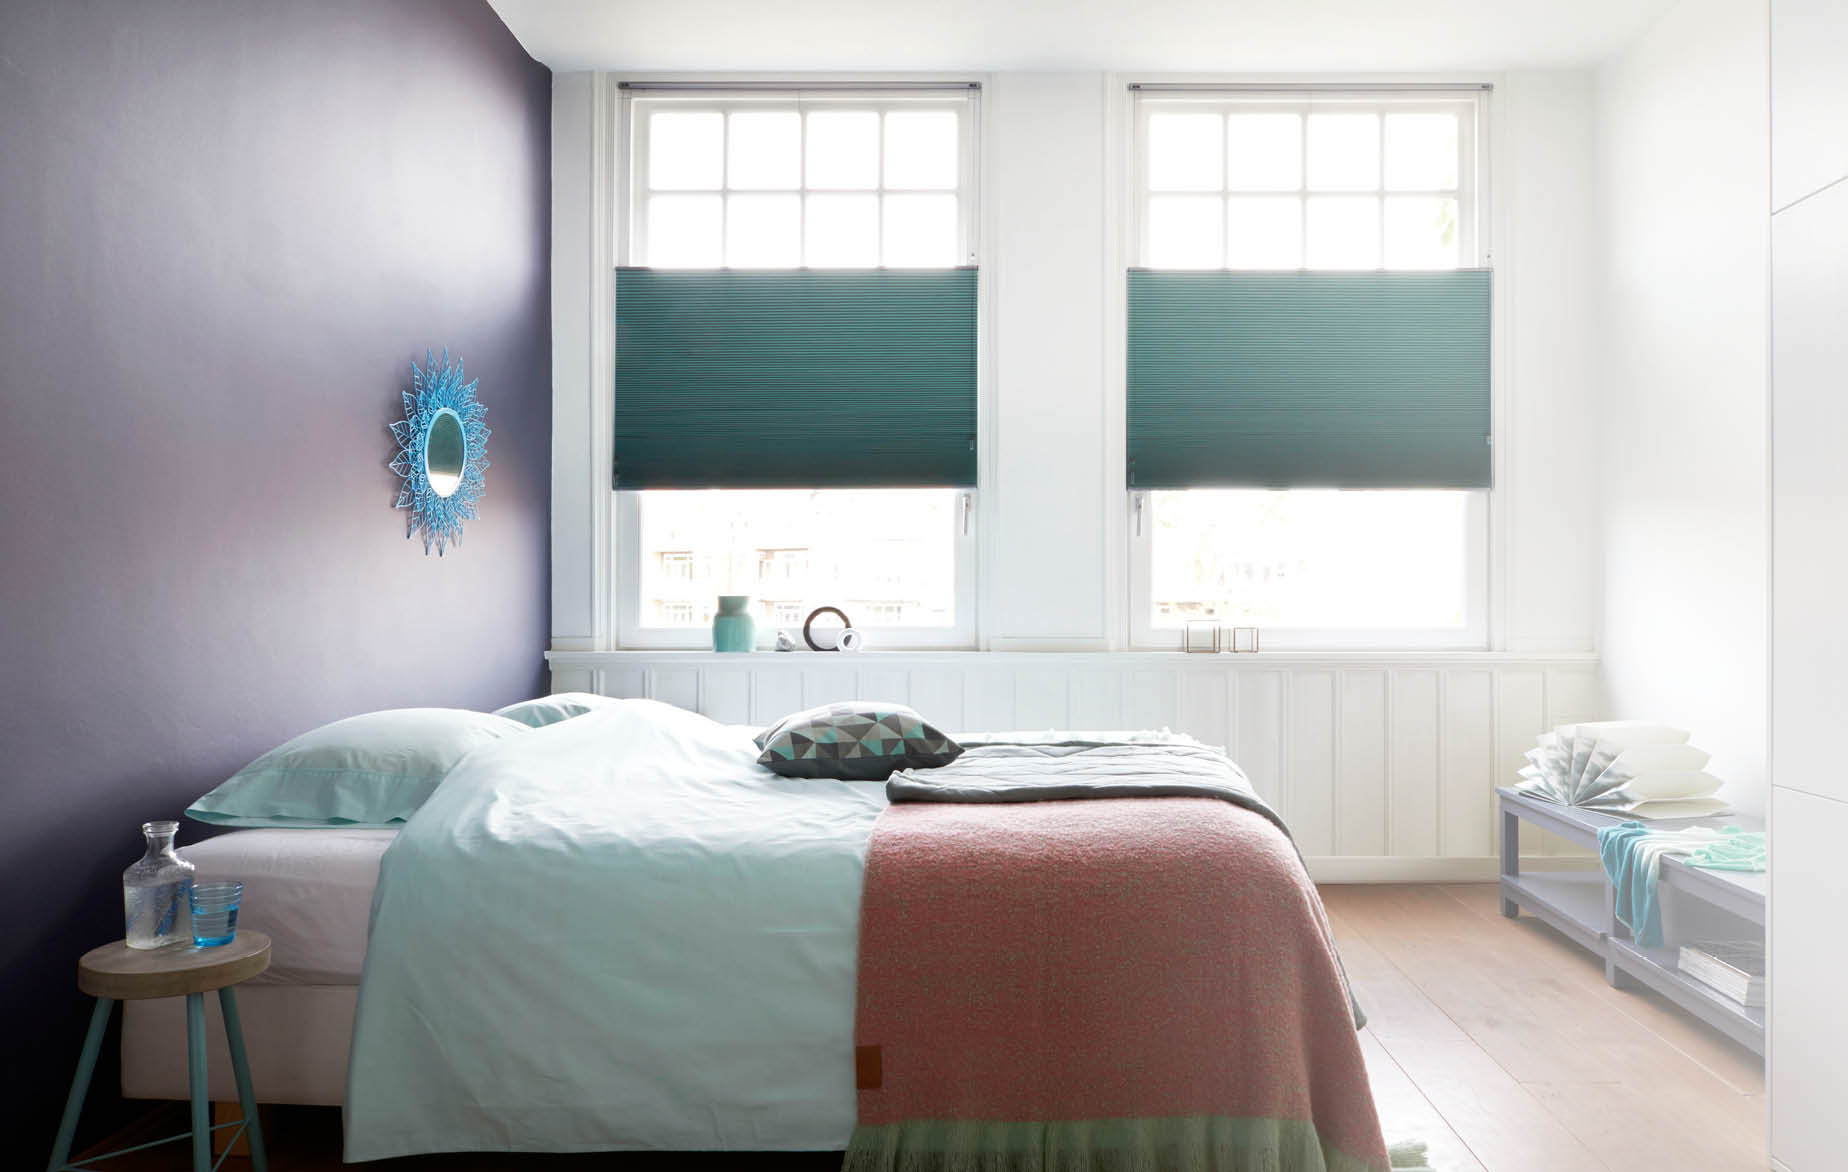 Gordijnen Kleine Ramen : Raamdecoratie corpaint